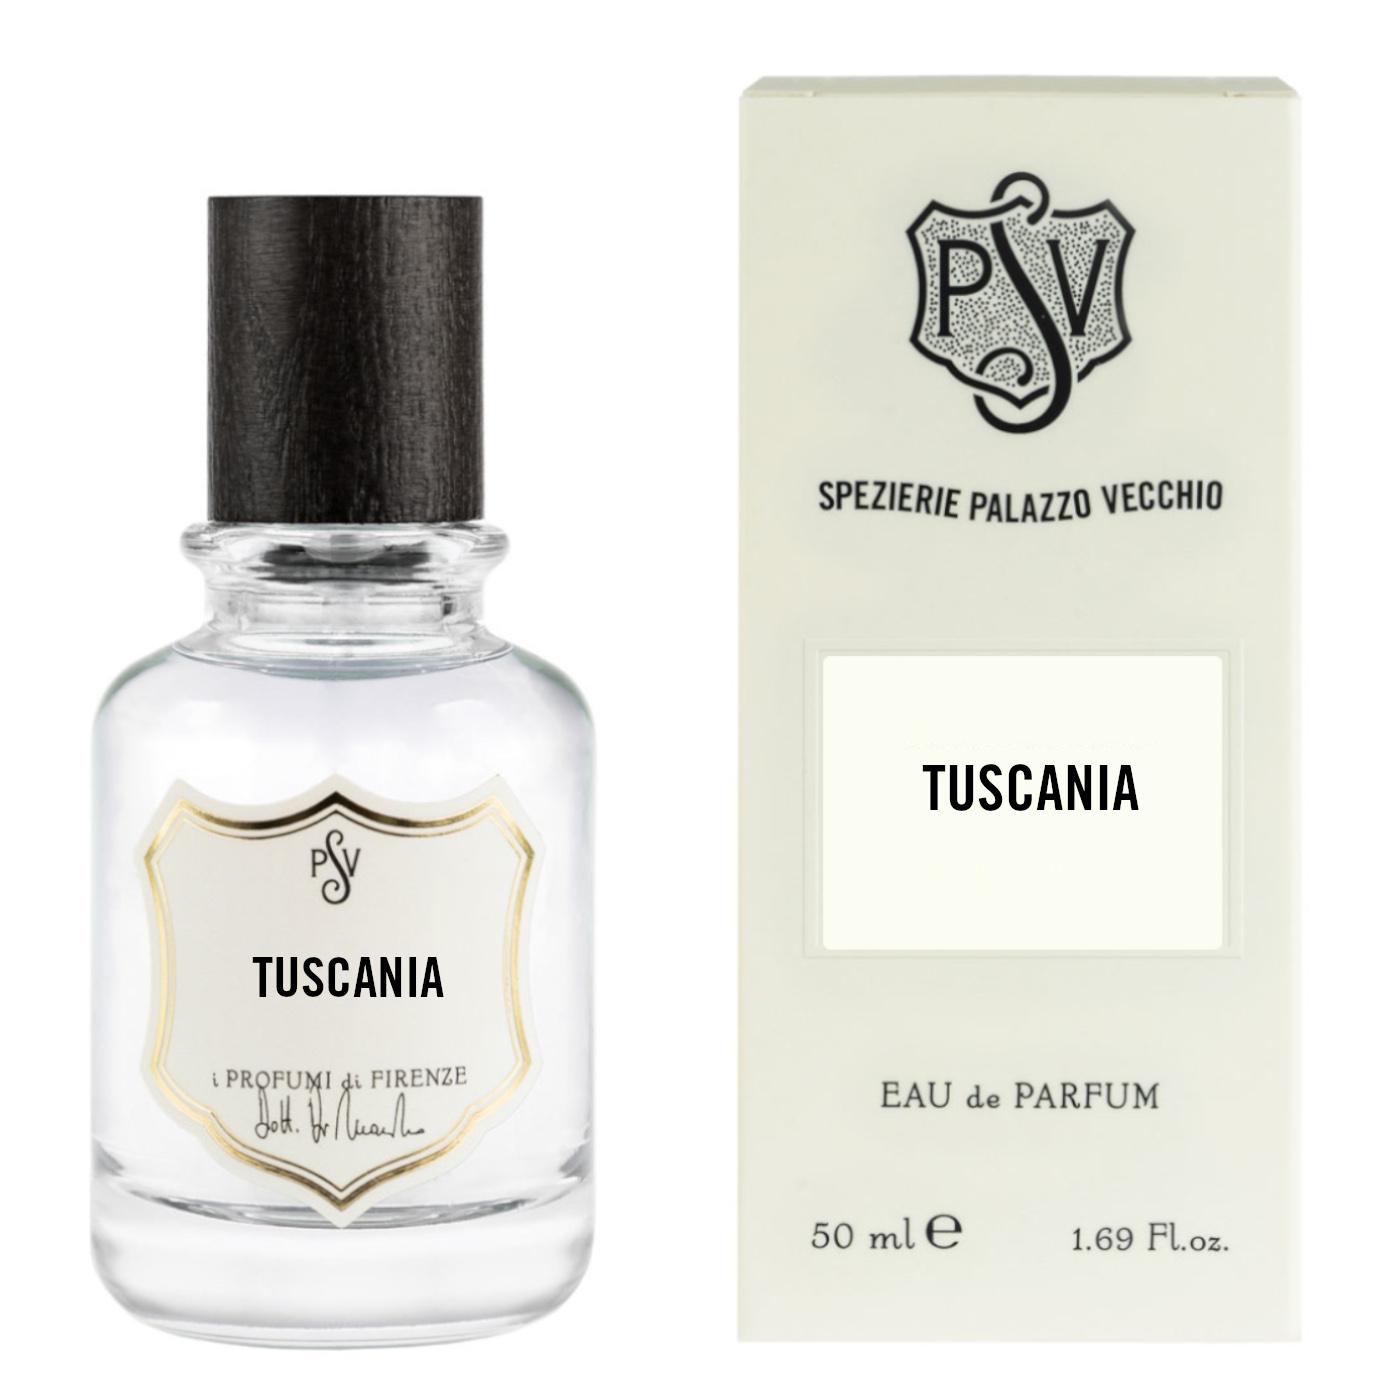 TUSCANIA Eau de Parfum-4895